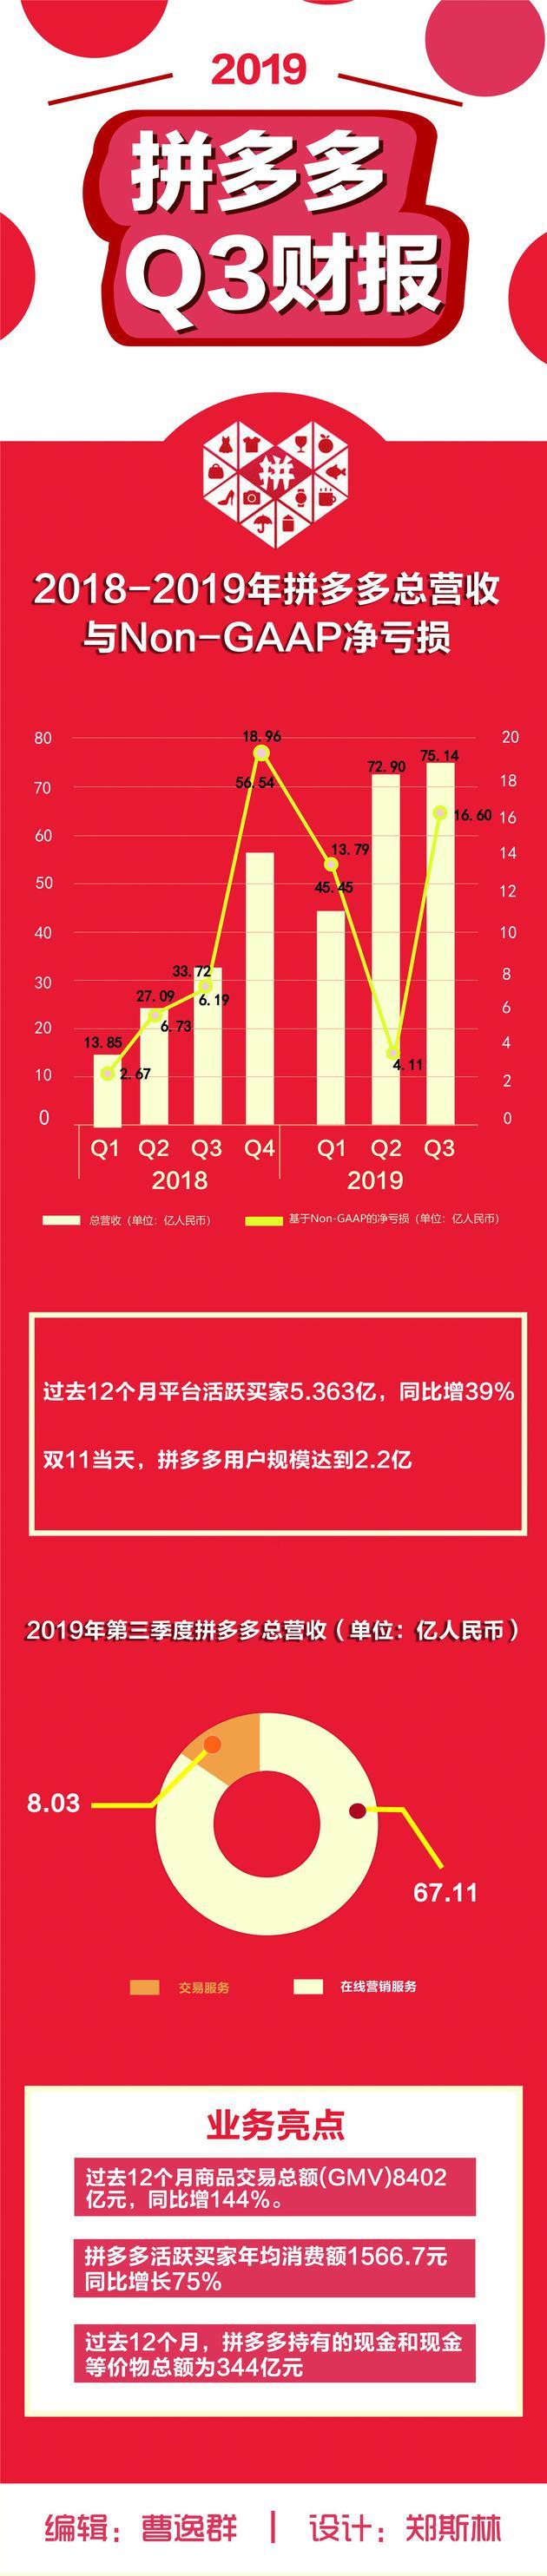 一图看懂拼多多第3季度财报:营收75亿元同比增长123%